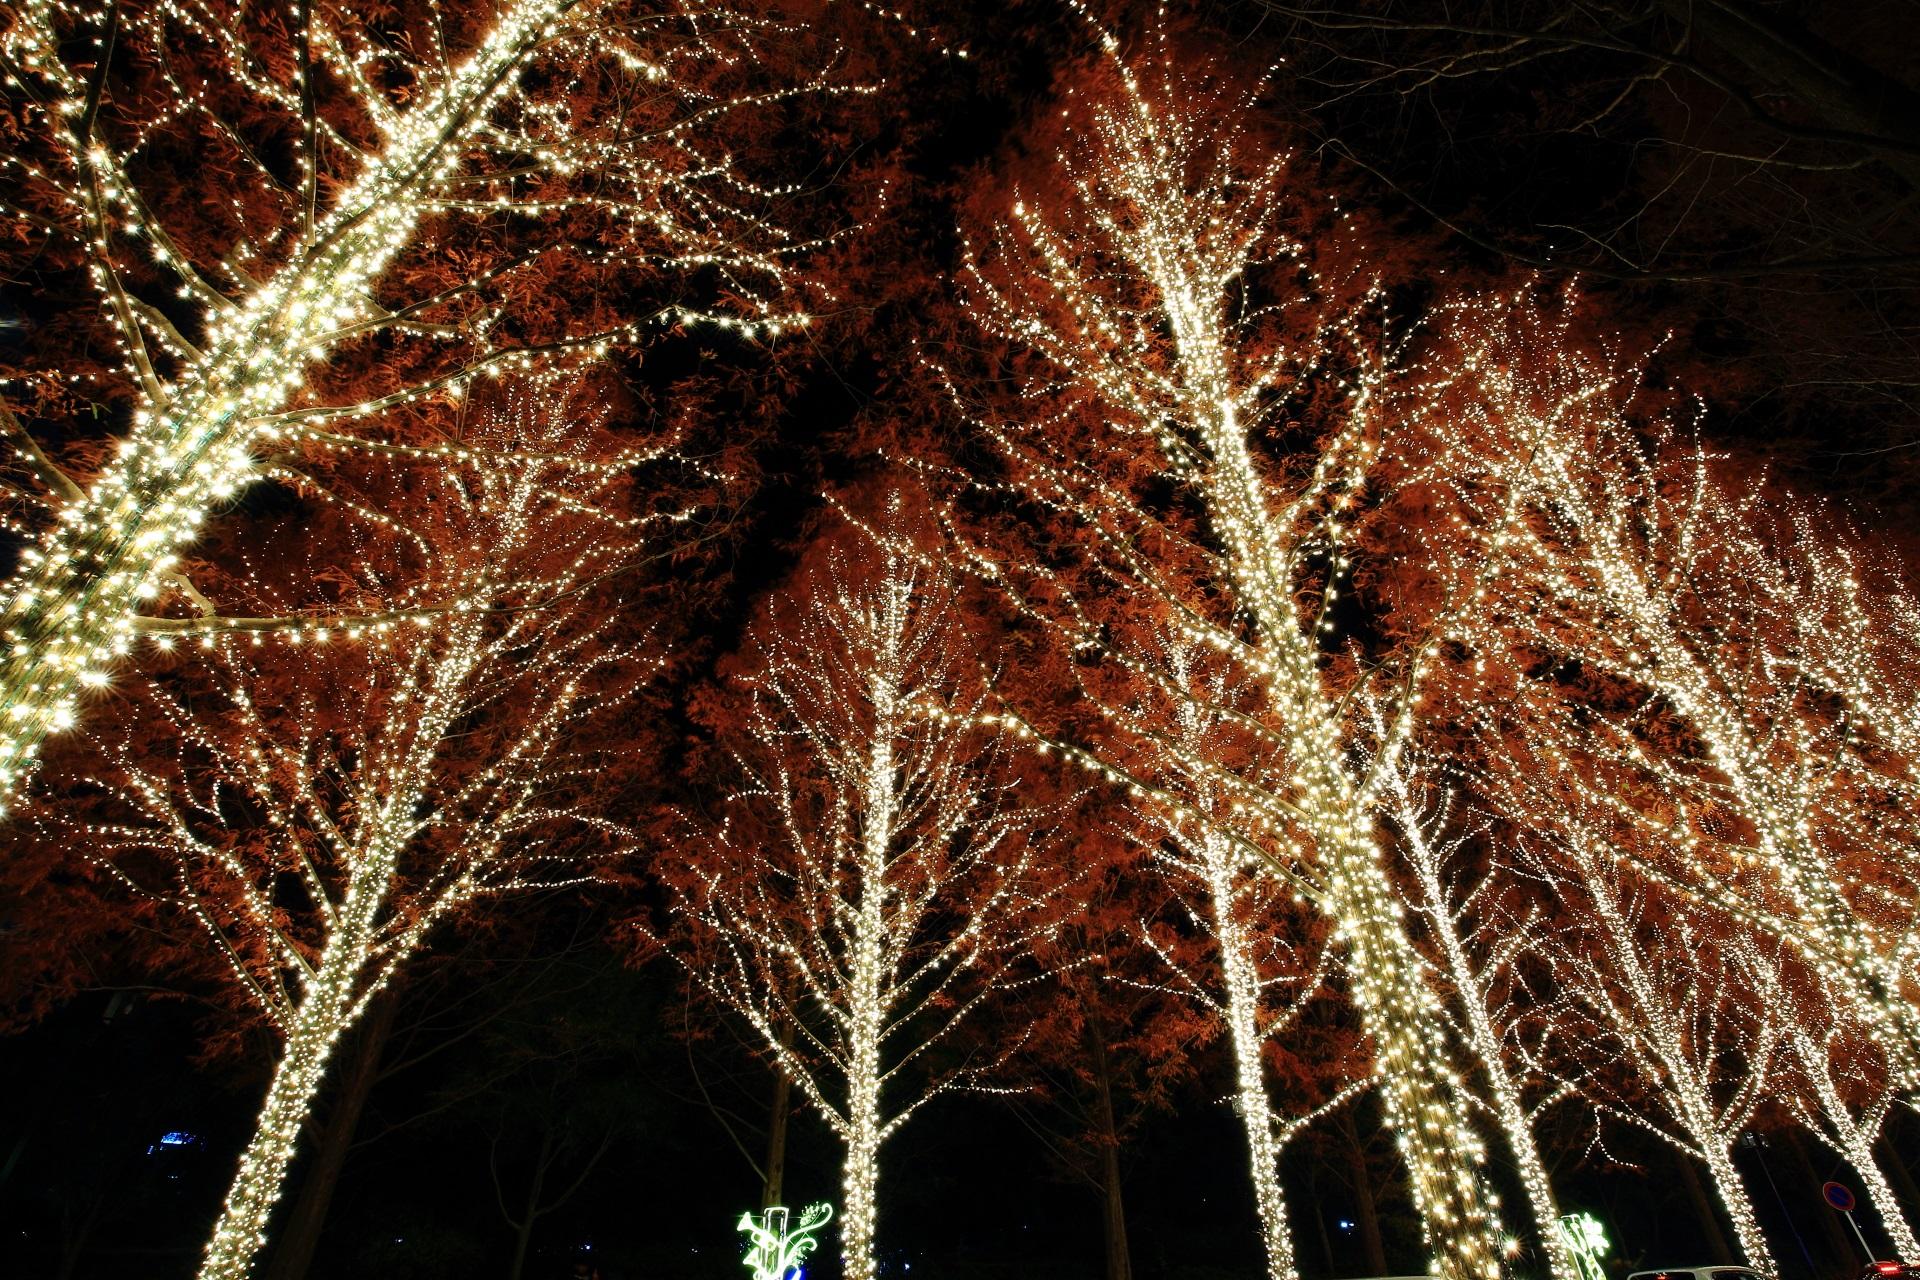 ロームイルミネーション 写真 高画質 メタセコイア並木